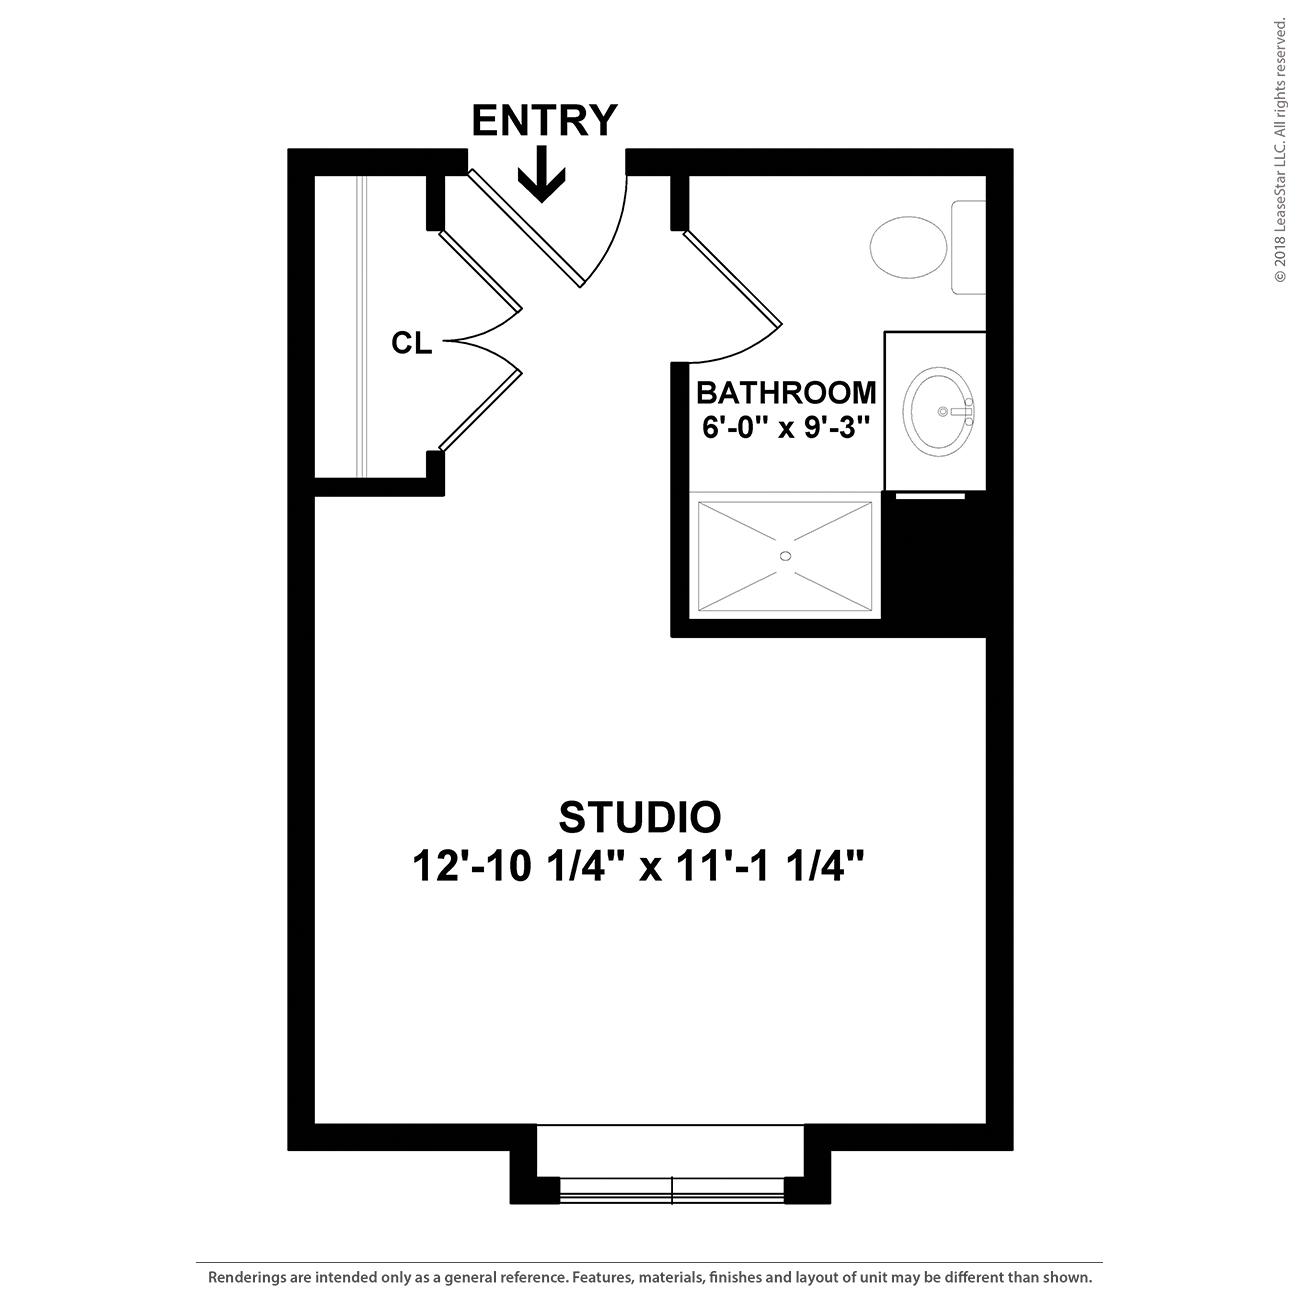 Serenity Floor Plan at Charter Senior Living of Davison